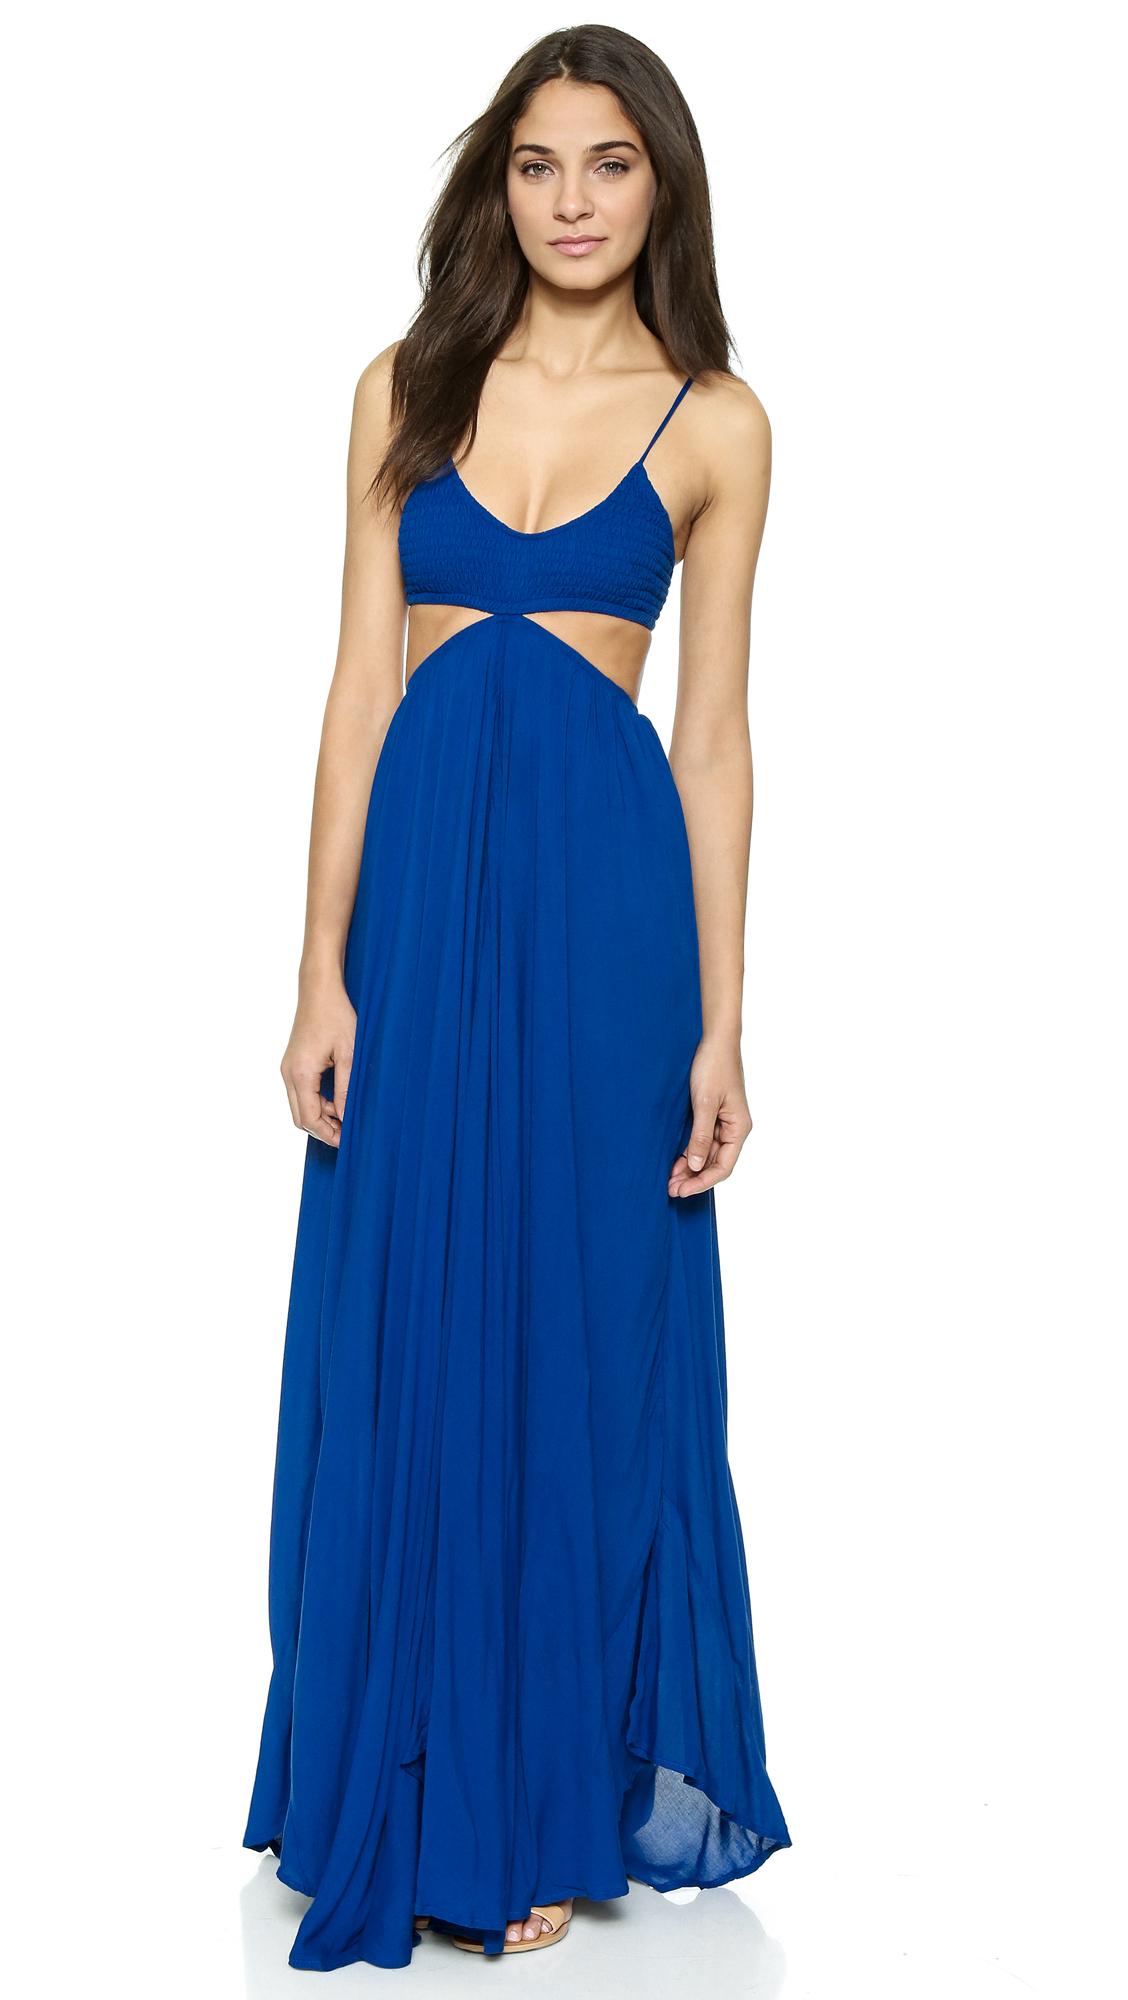 bb7681ec3e9 Indah Blaze Maxi Dress - Photo Dress Wallpaper HD AOrg